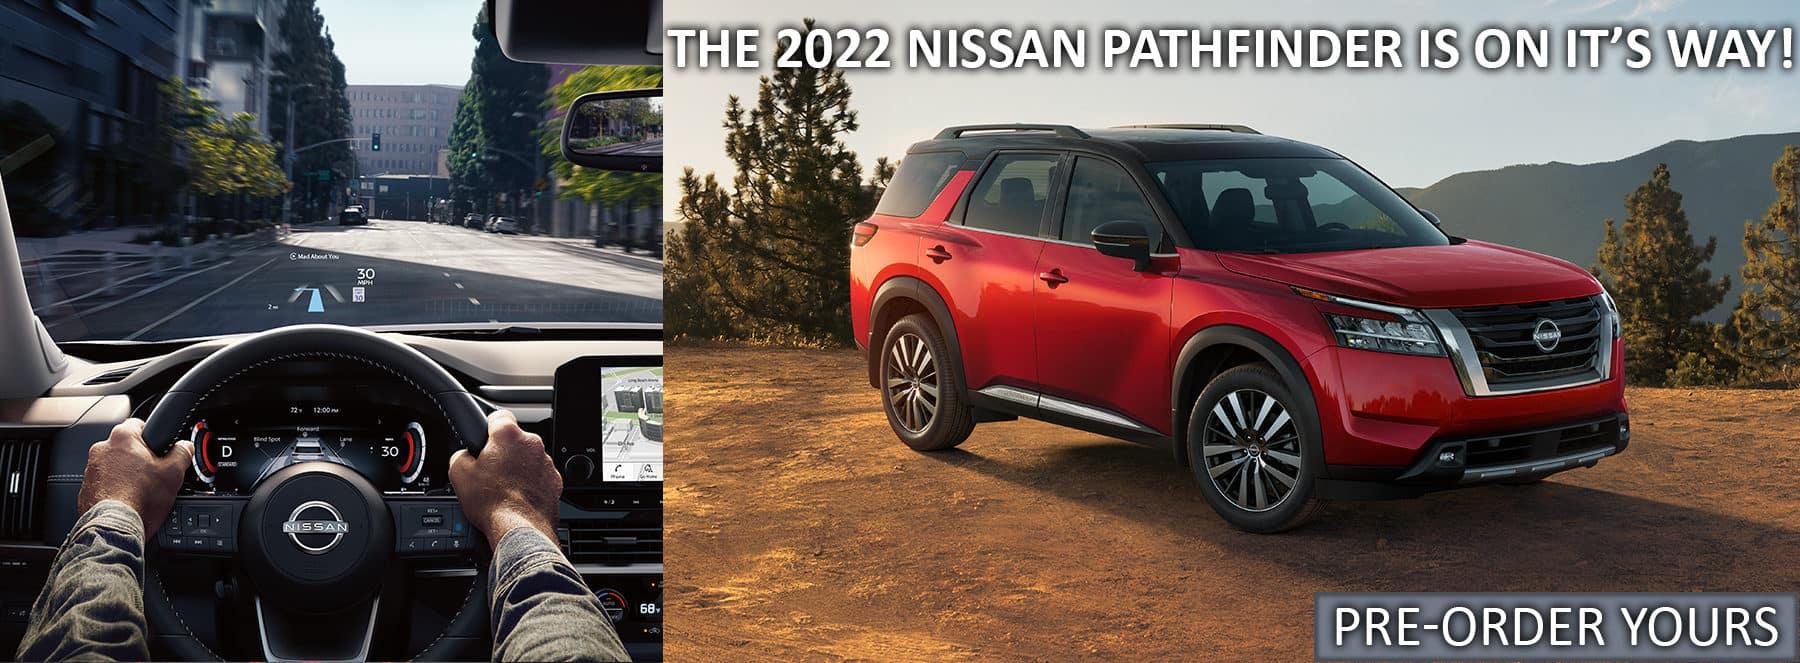 2022 Pathfinder